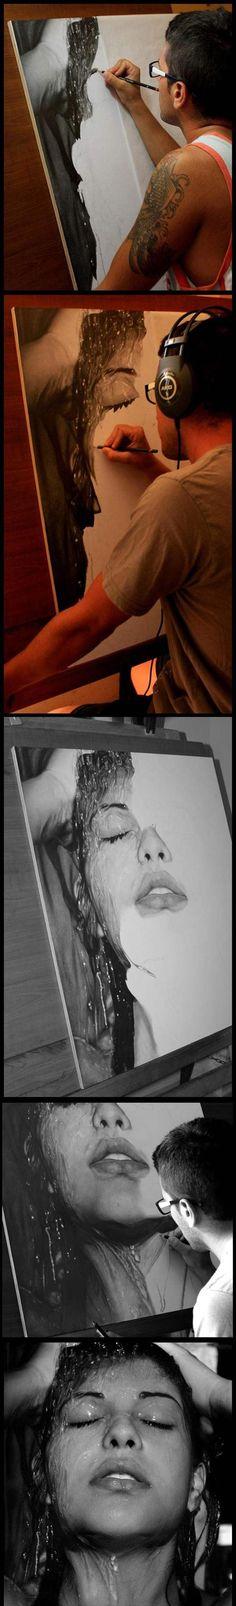 amazing art (5)